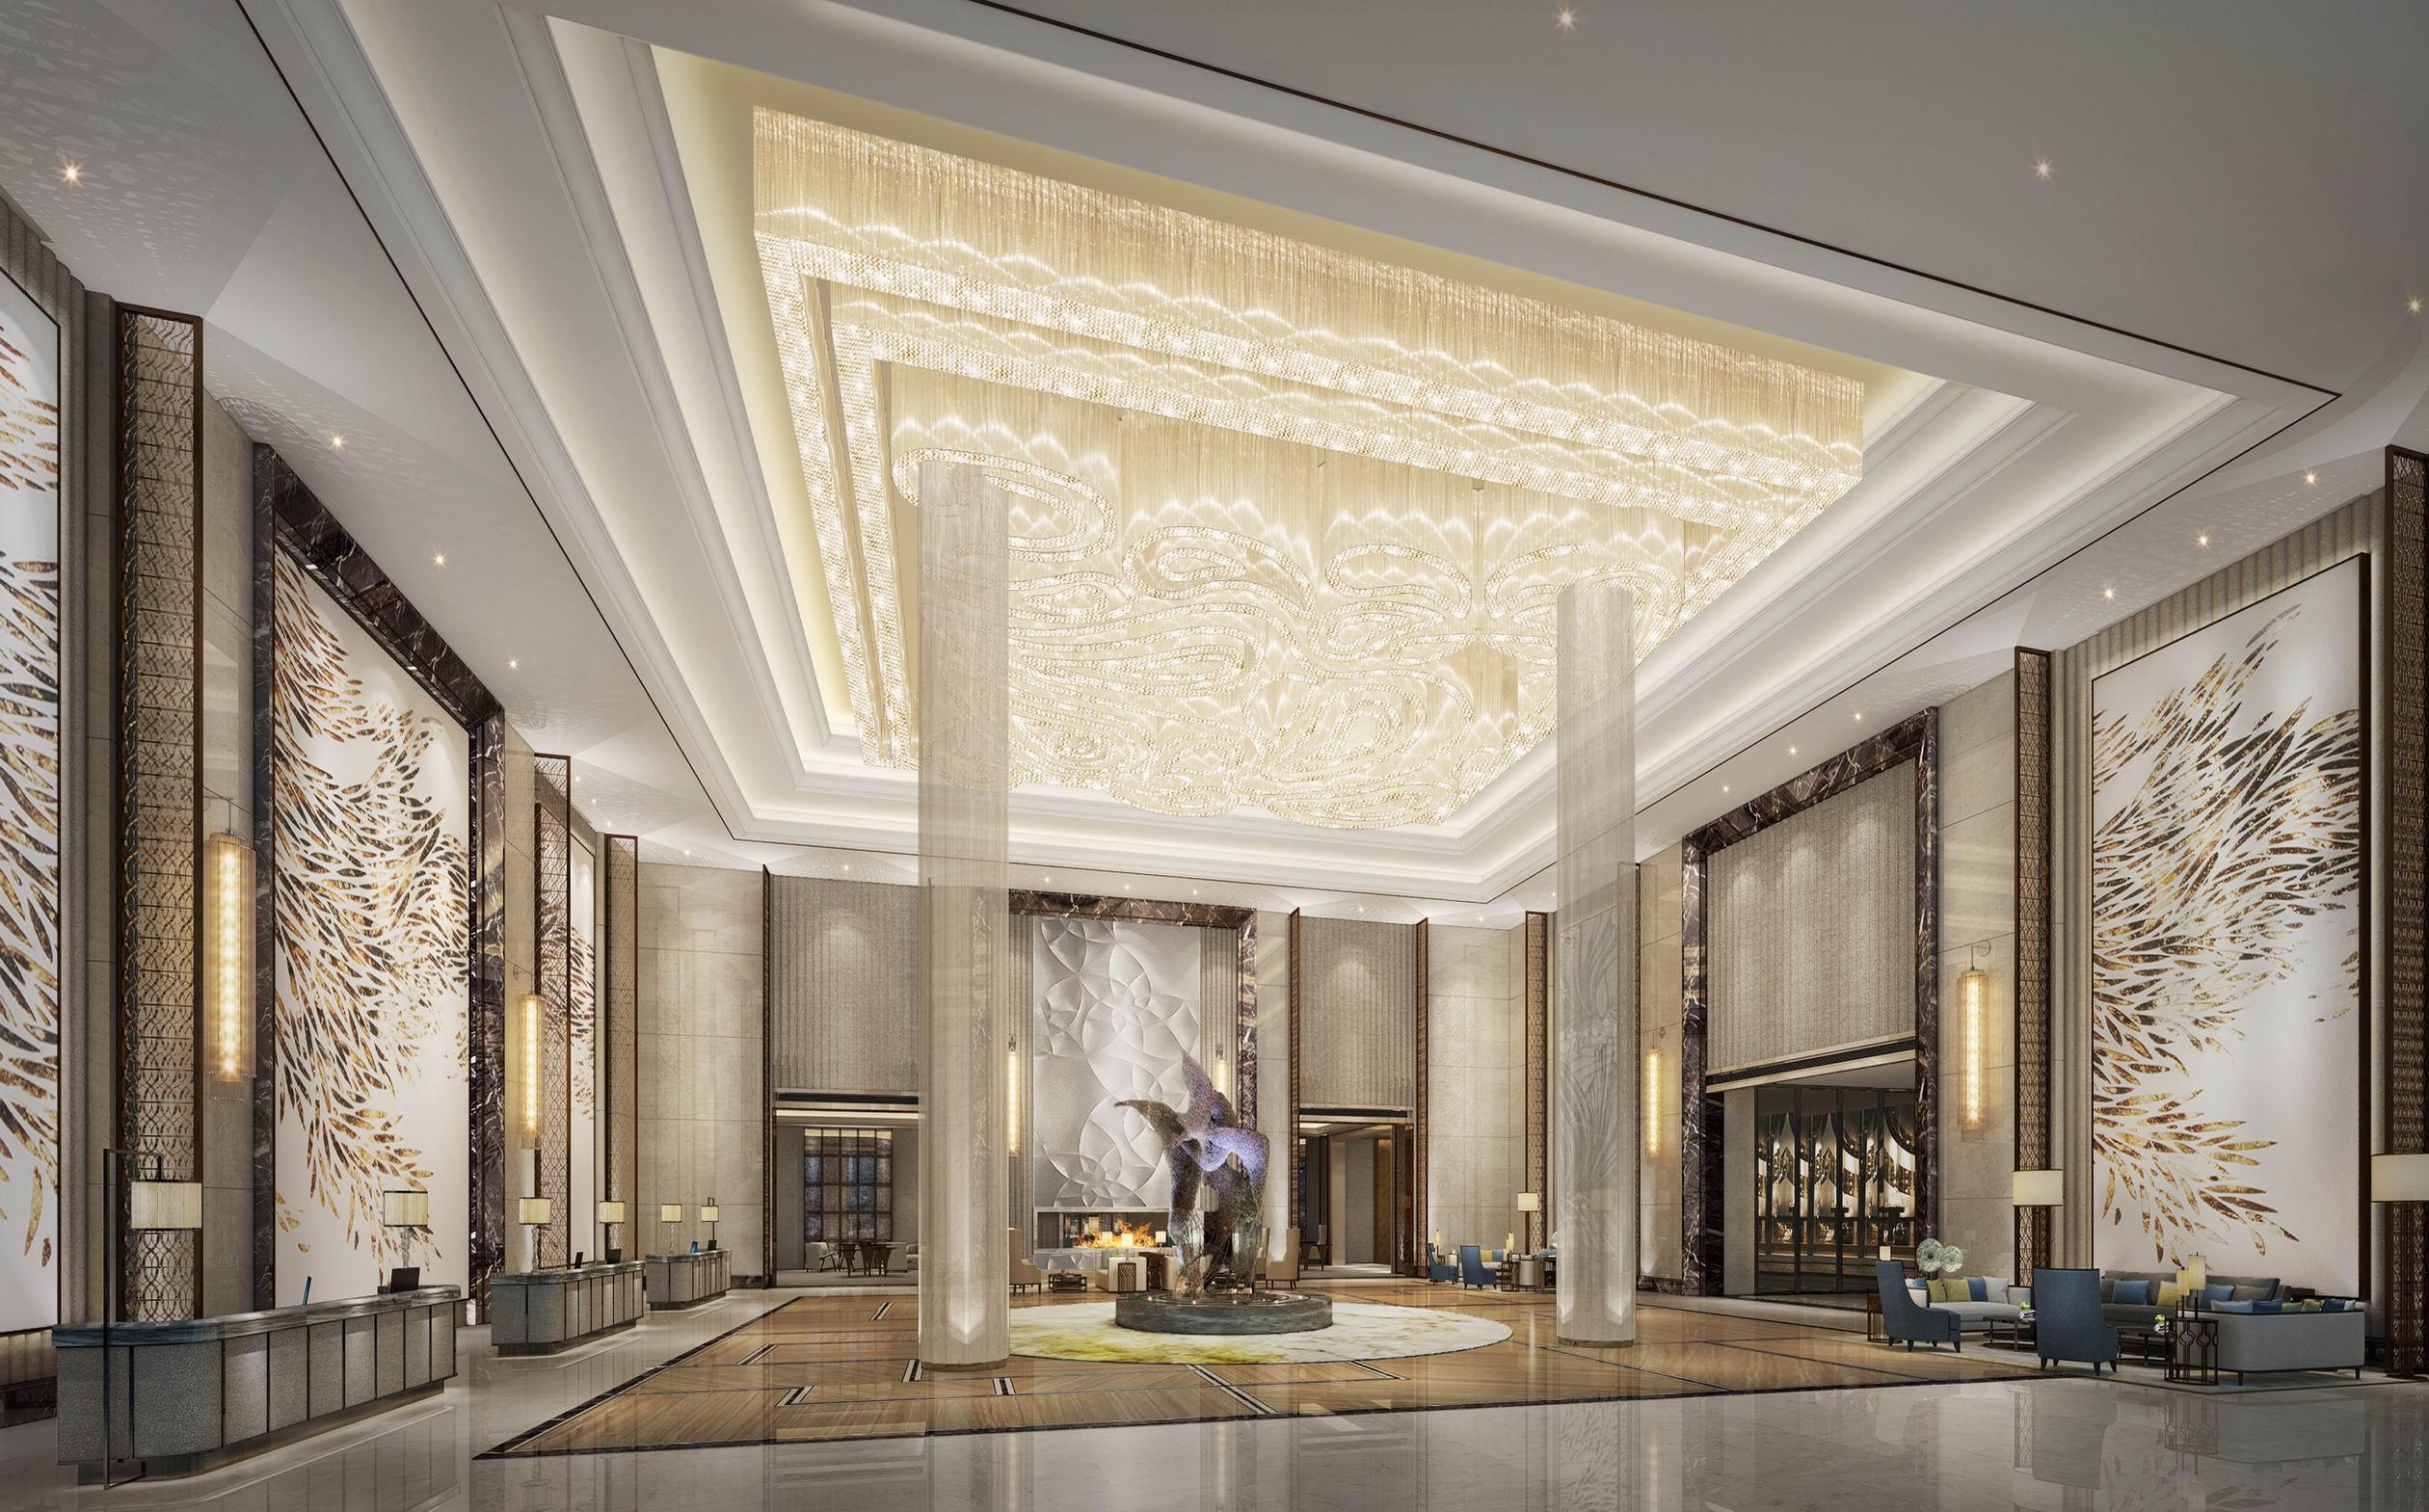 安徽喜来登酒店丨效果图+全套CAD施工图+硬装物料+软装物料_6672997_大堂.jpg